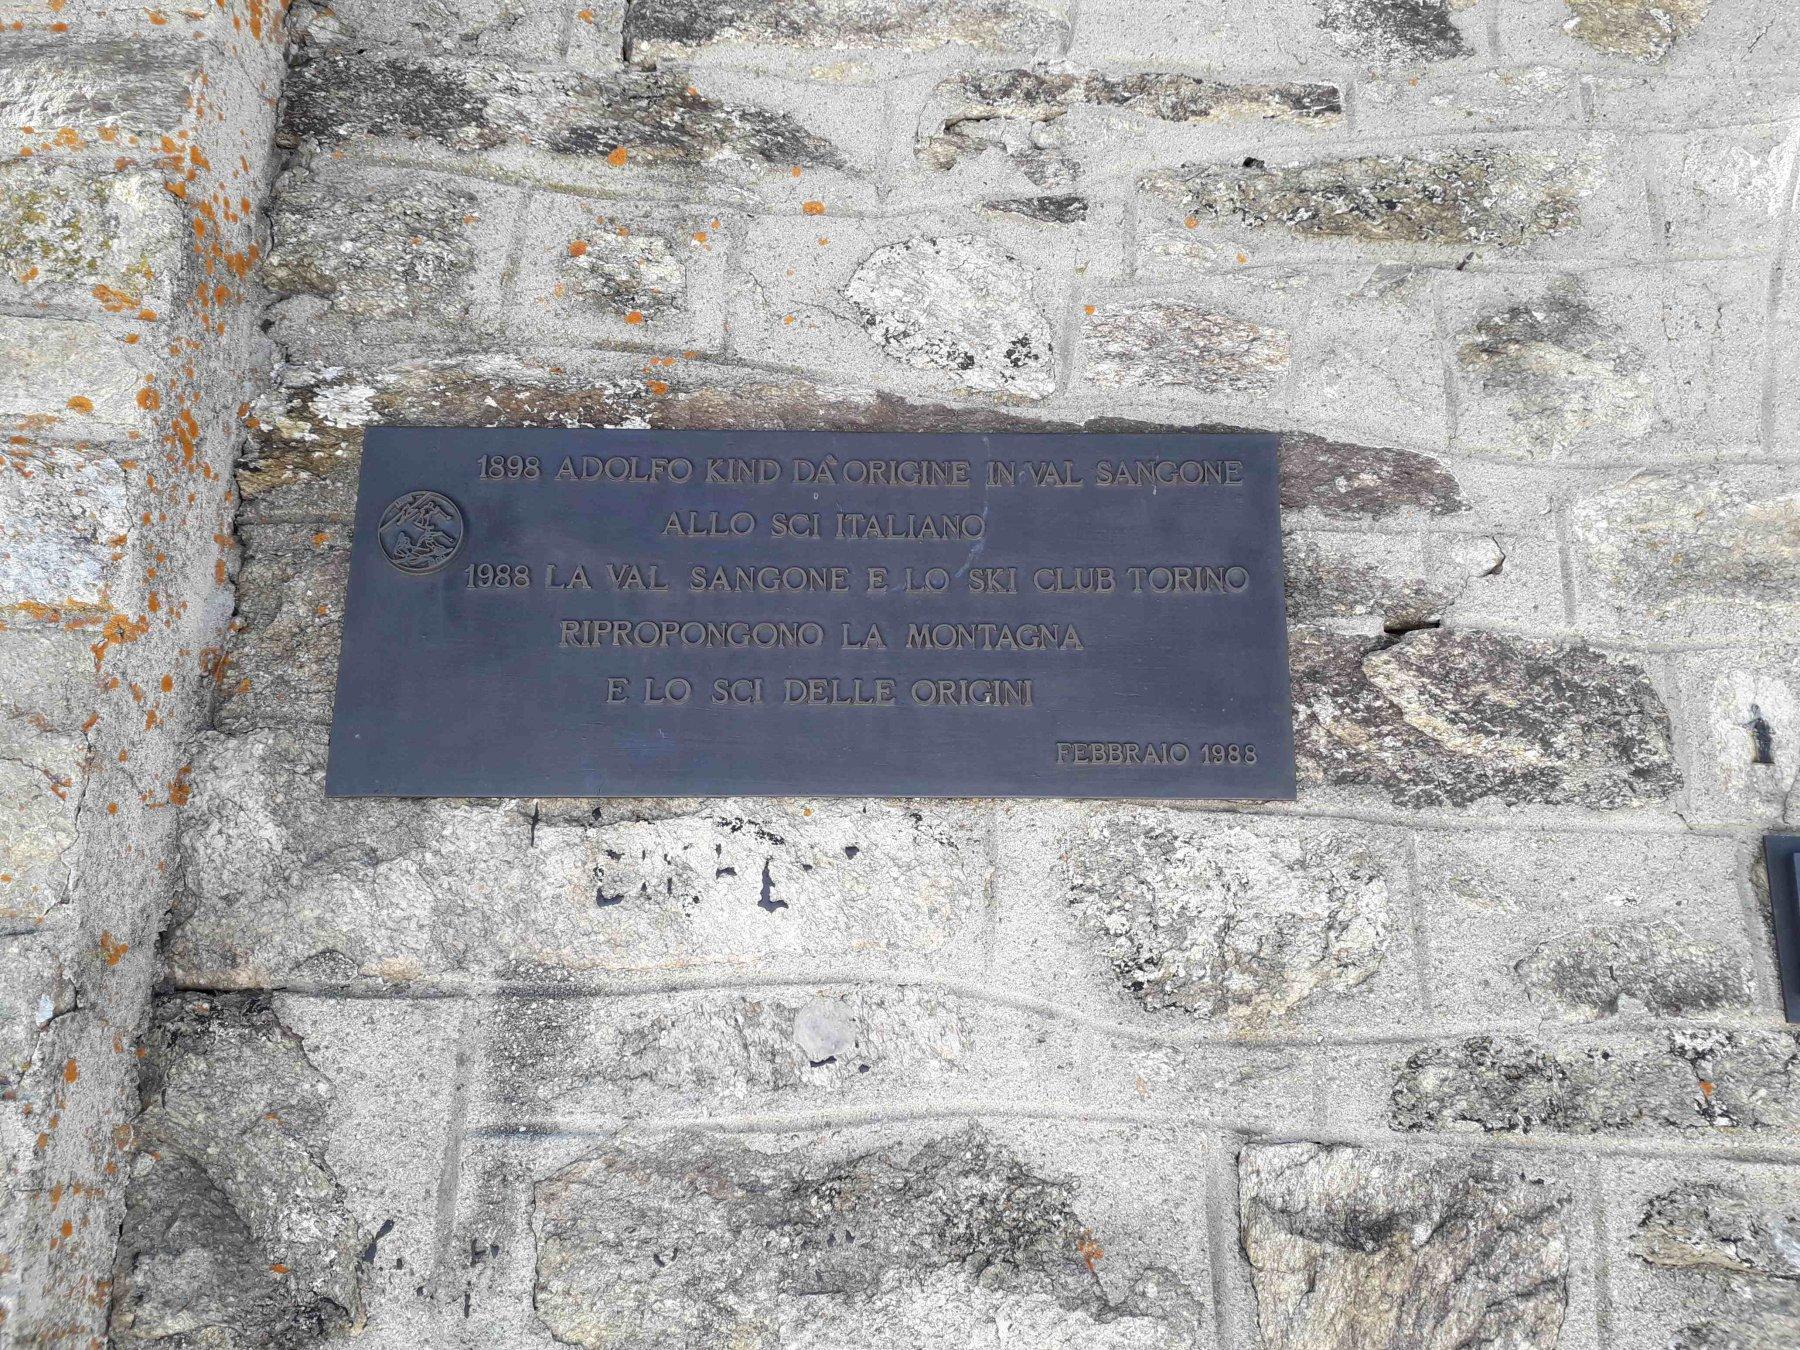 targa commemorativa degli inizi dello sci in italia